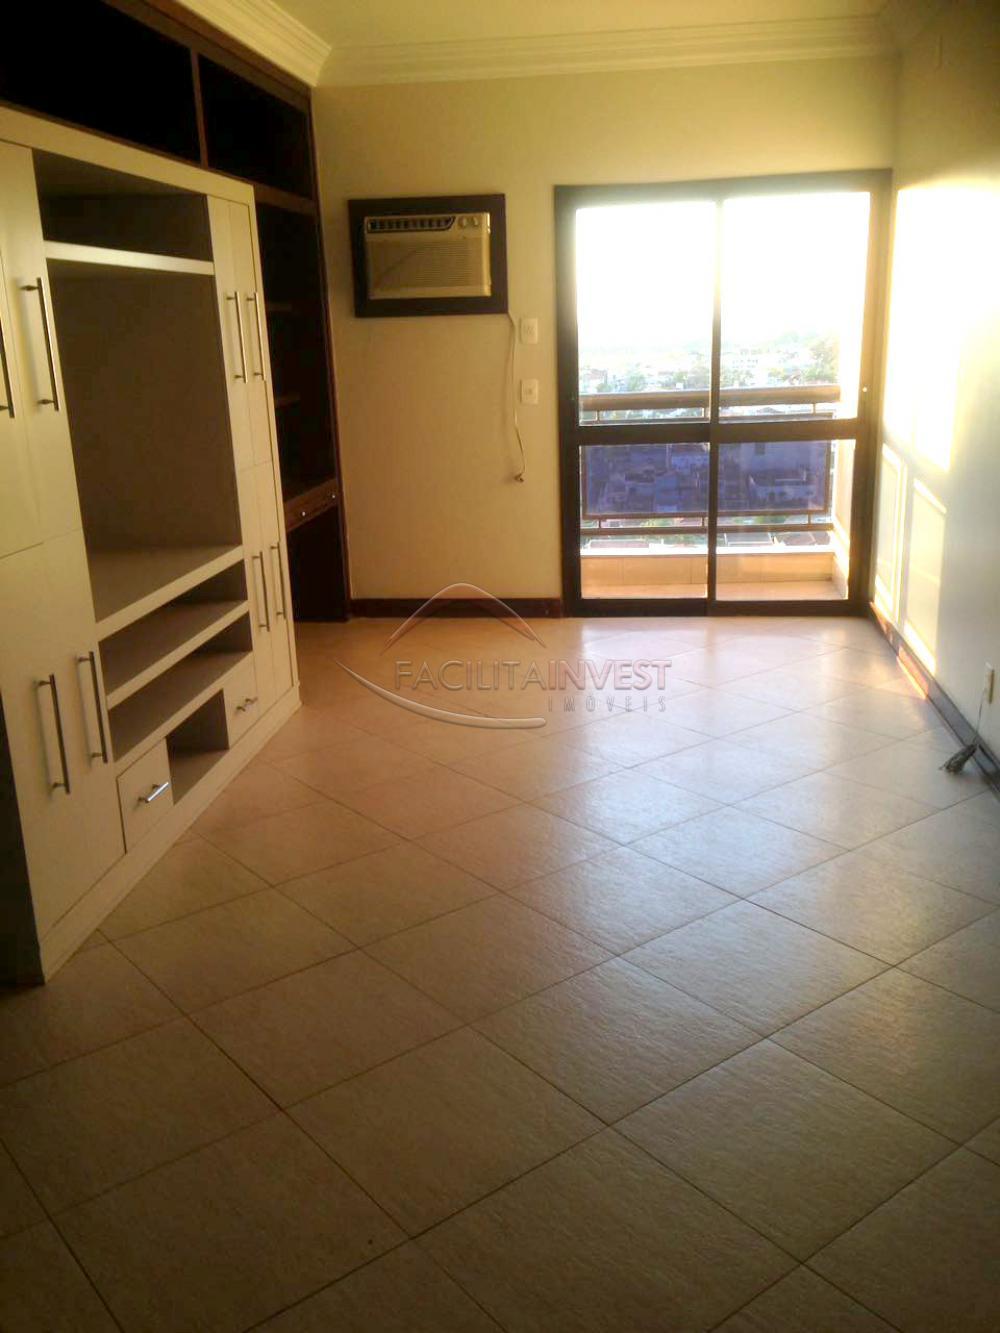 Comprar Apartamentos / Apart. Padrão em Sertãozinho apenas R$ 1.050.000,00 - Foto 1